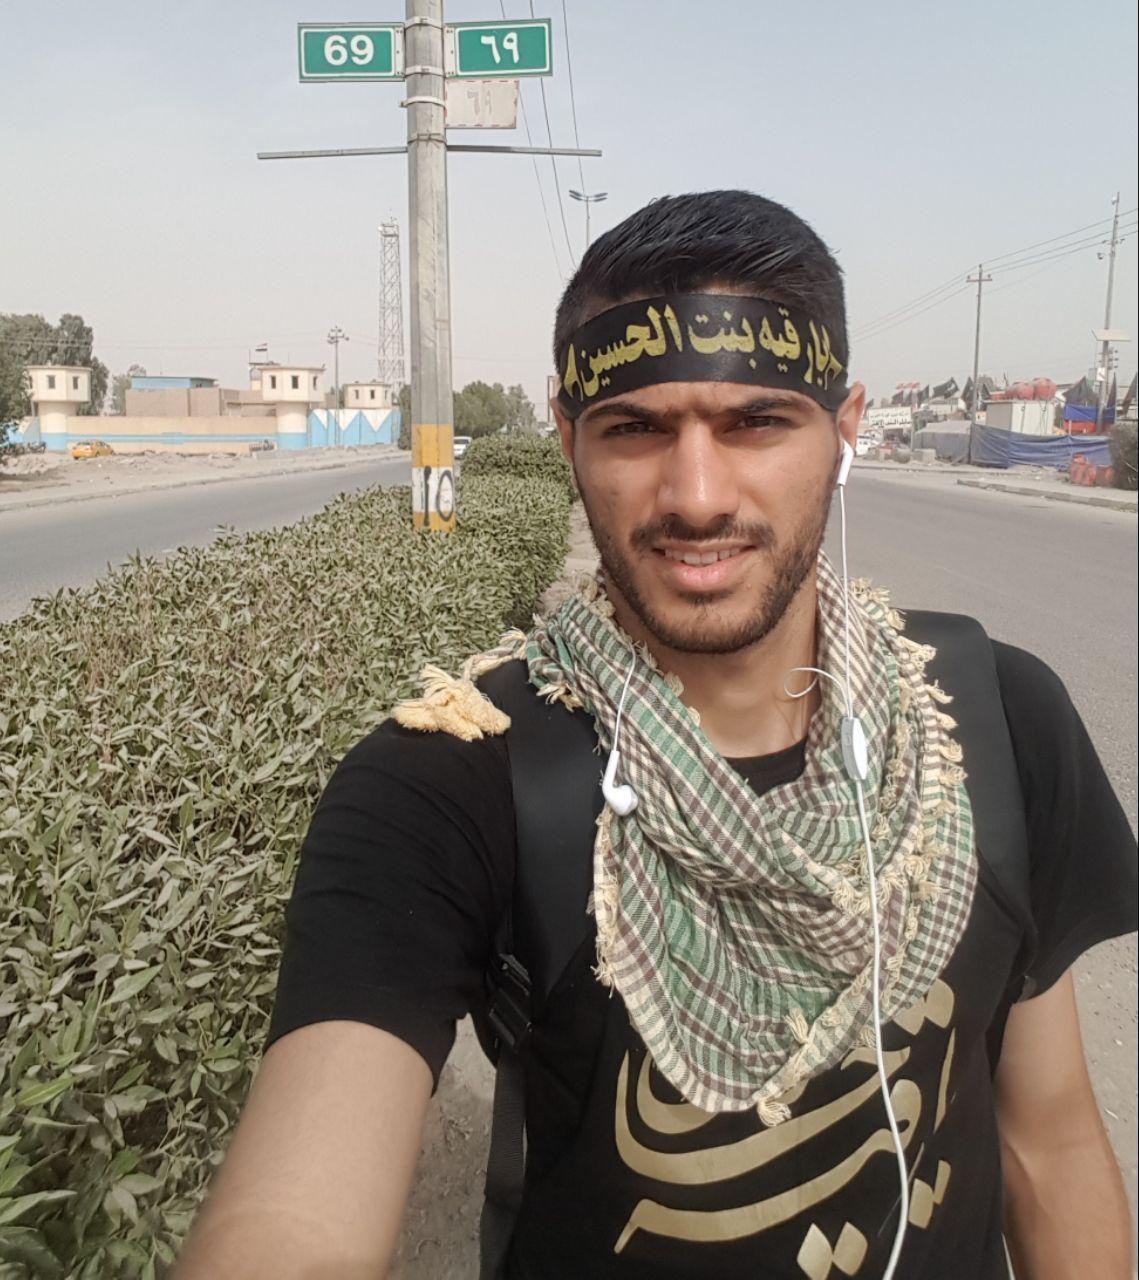 تصویری از مدافع تیم پرسپولیس در پیادهروی کربلا